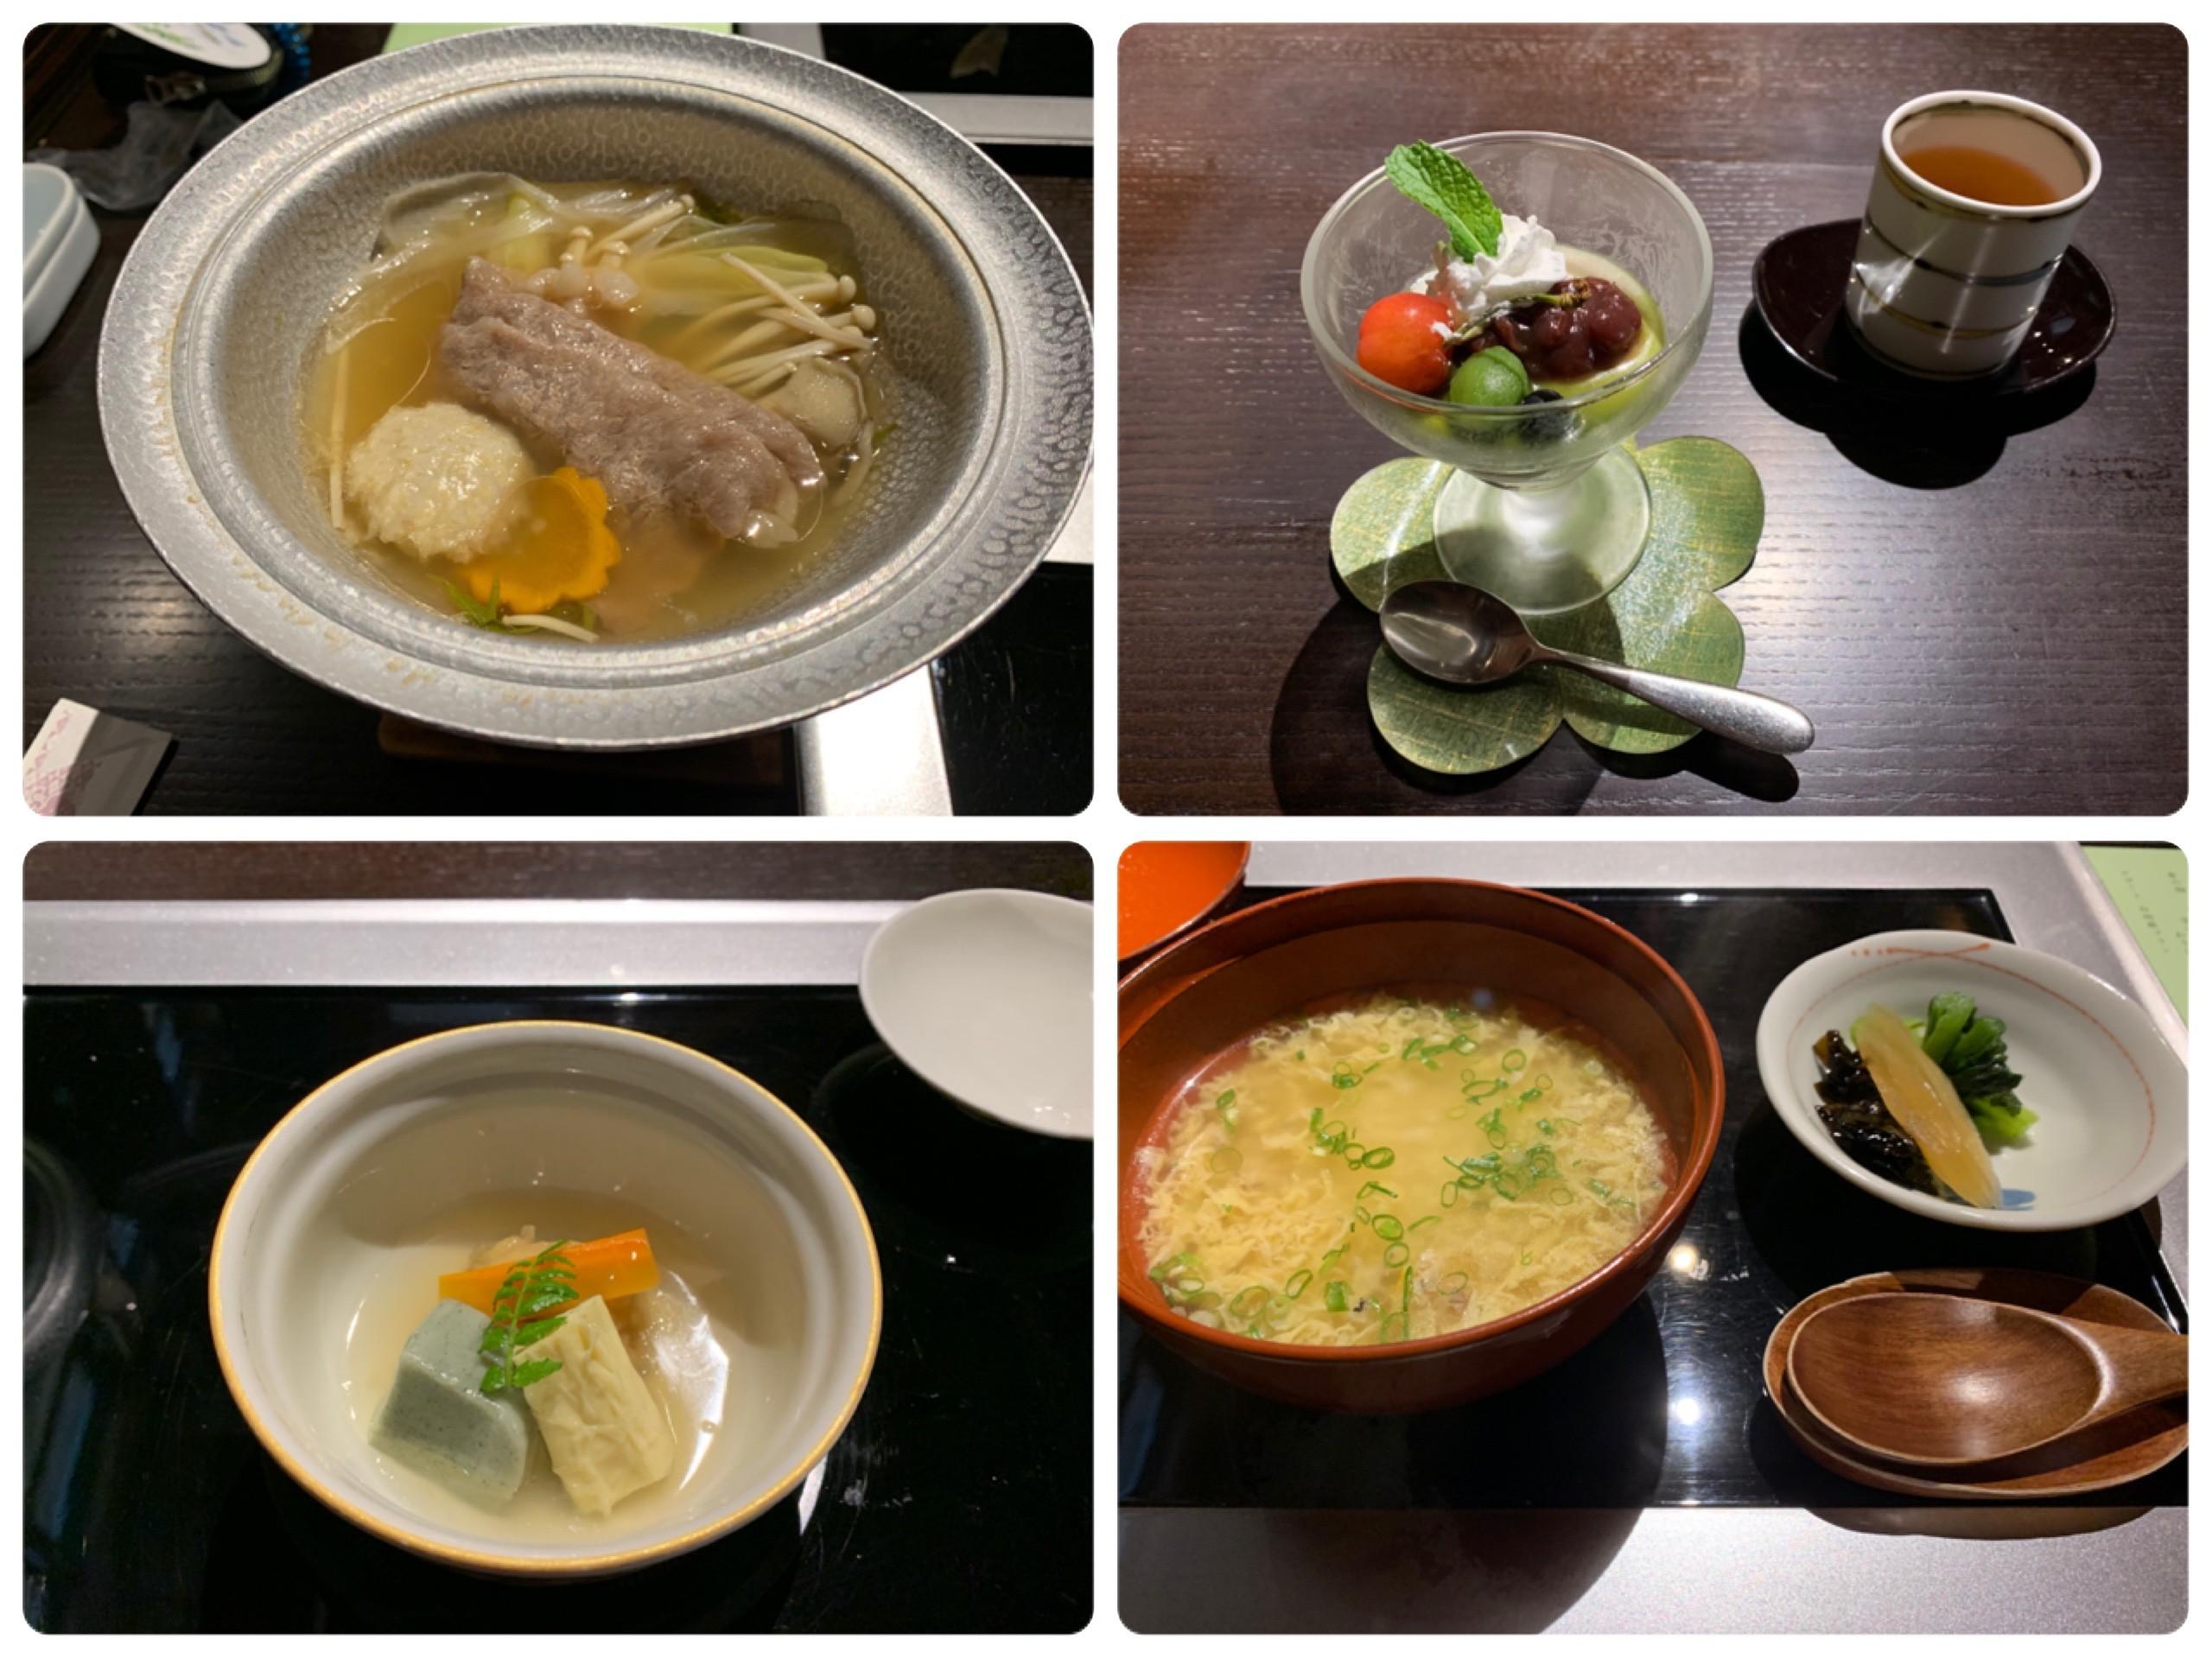 岐阜長良川温泉の旅館十八楼の夕食